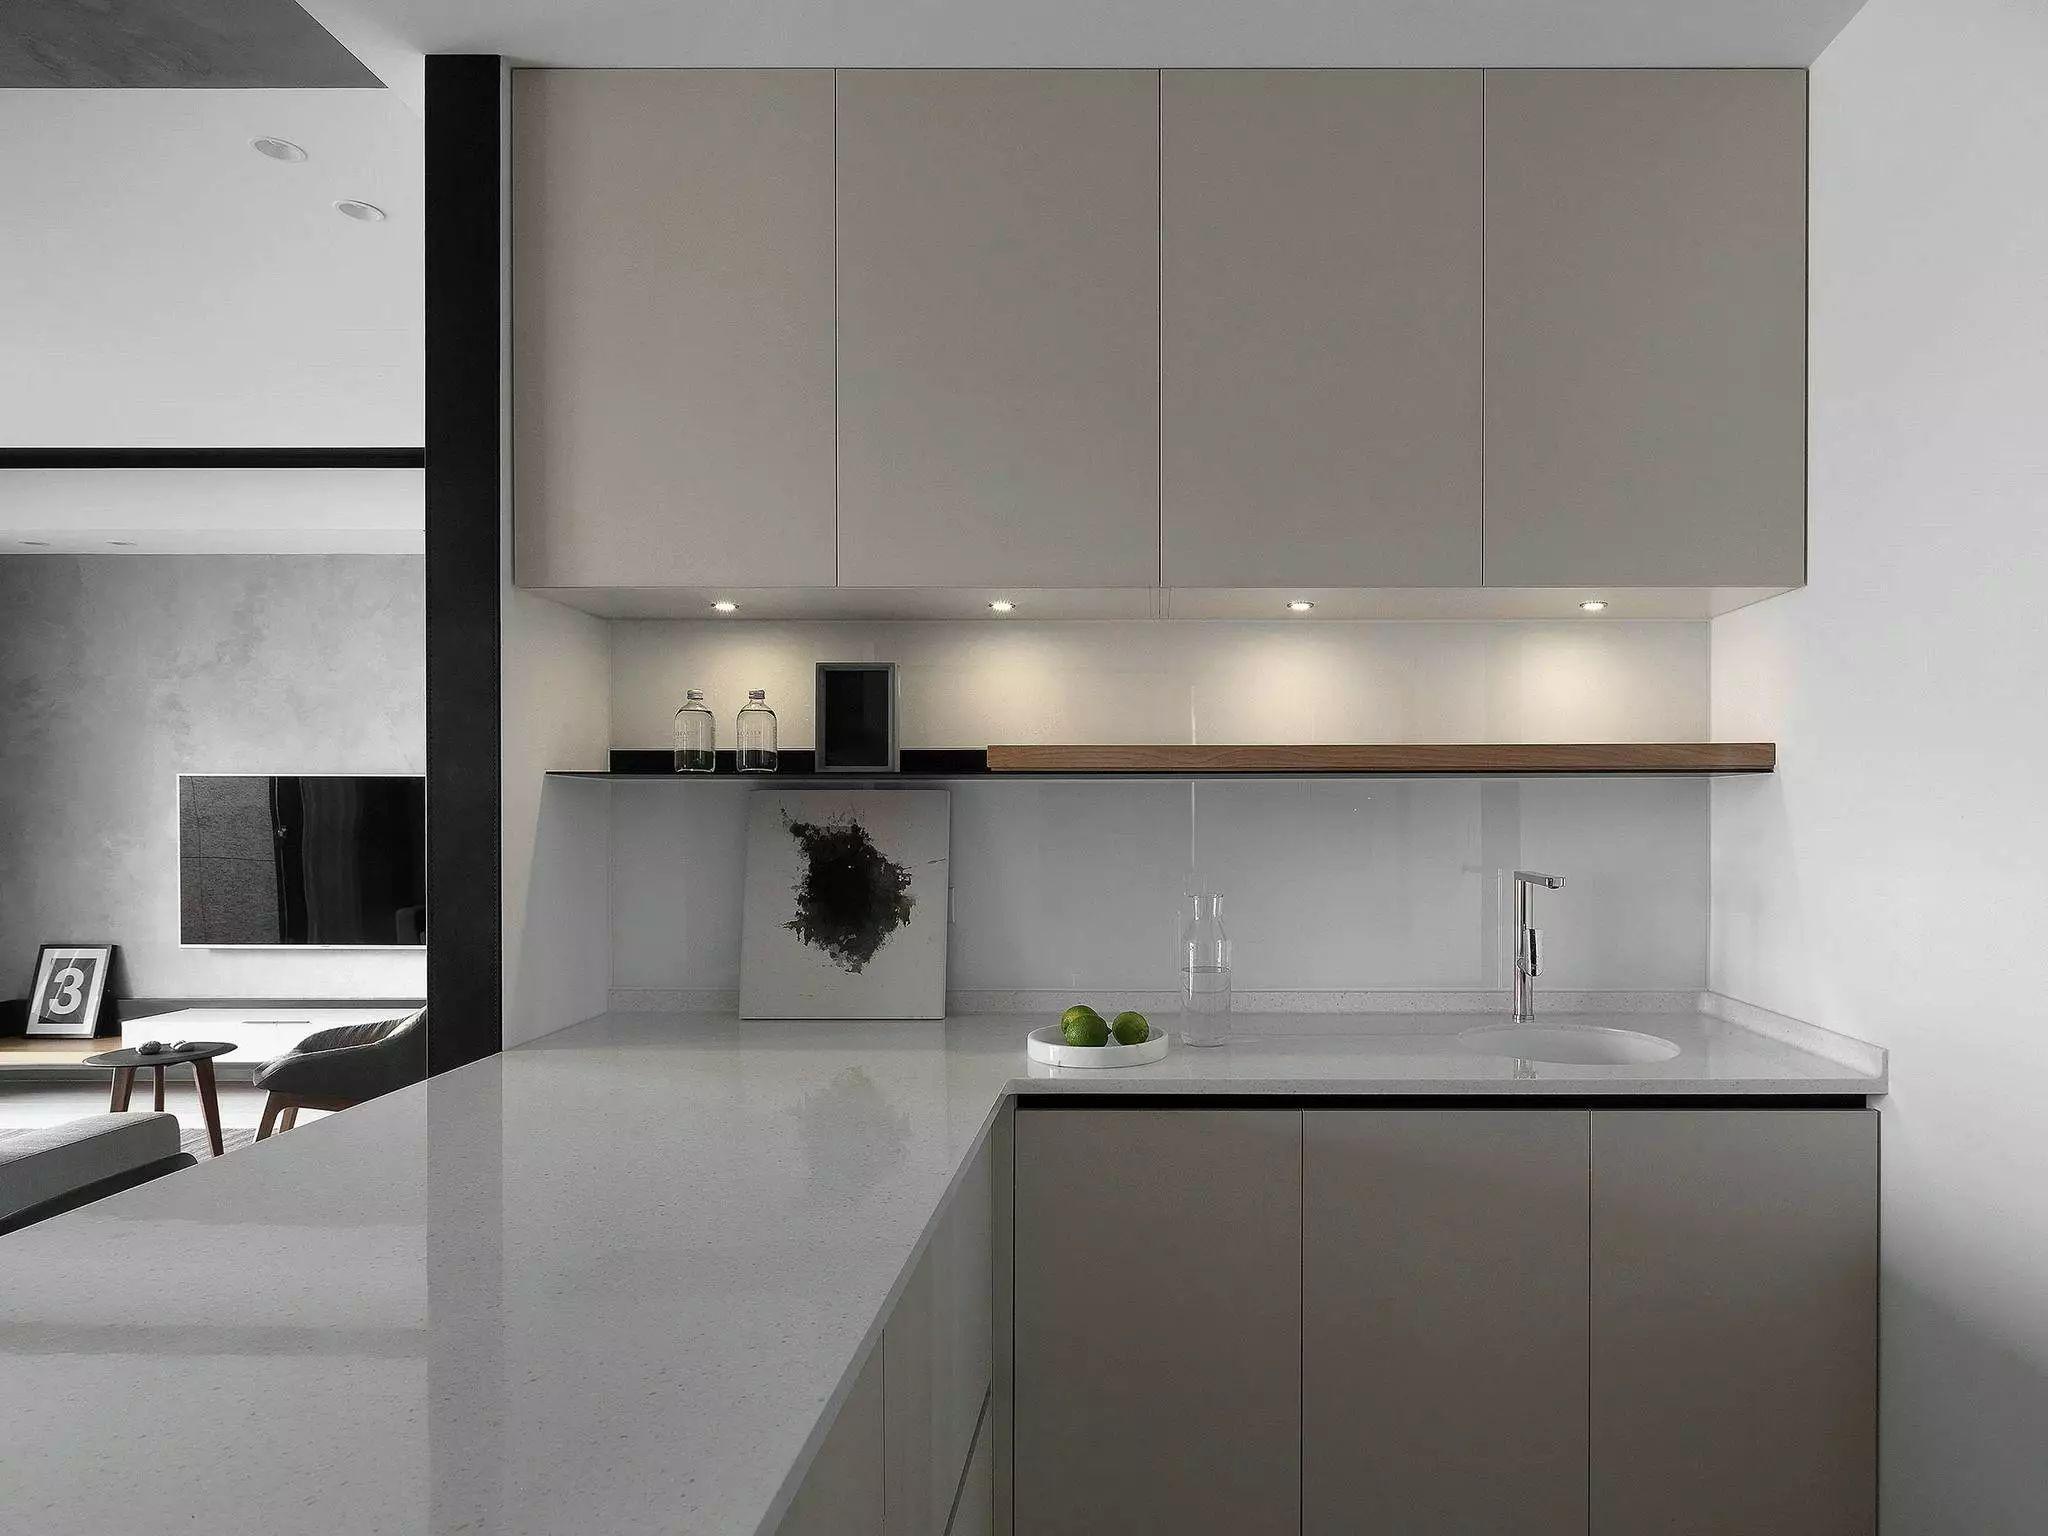 简约现代风厨房装修效果图